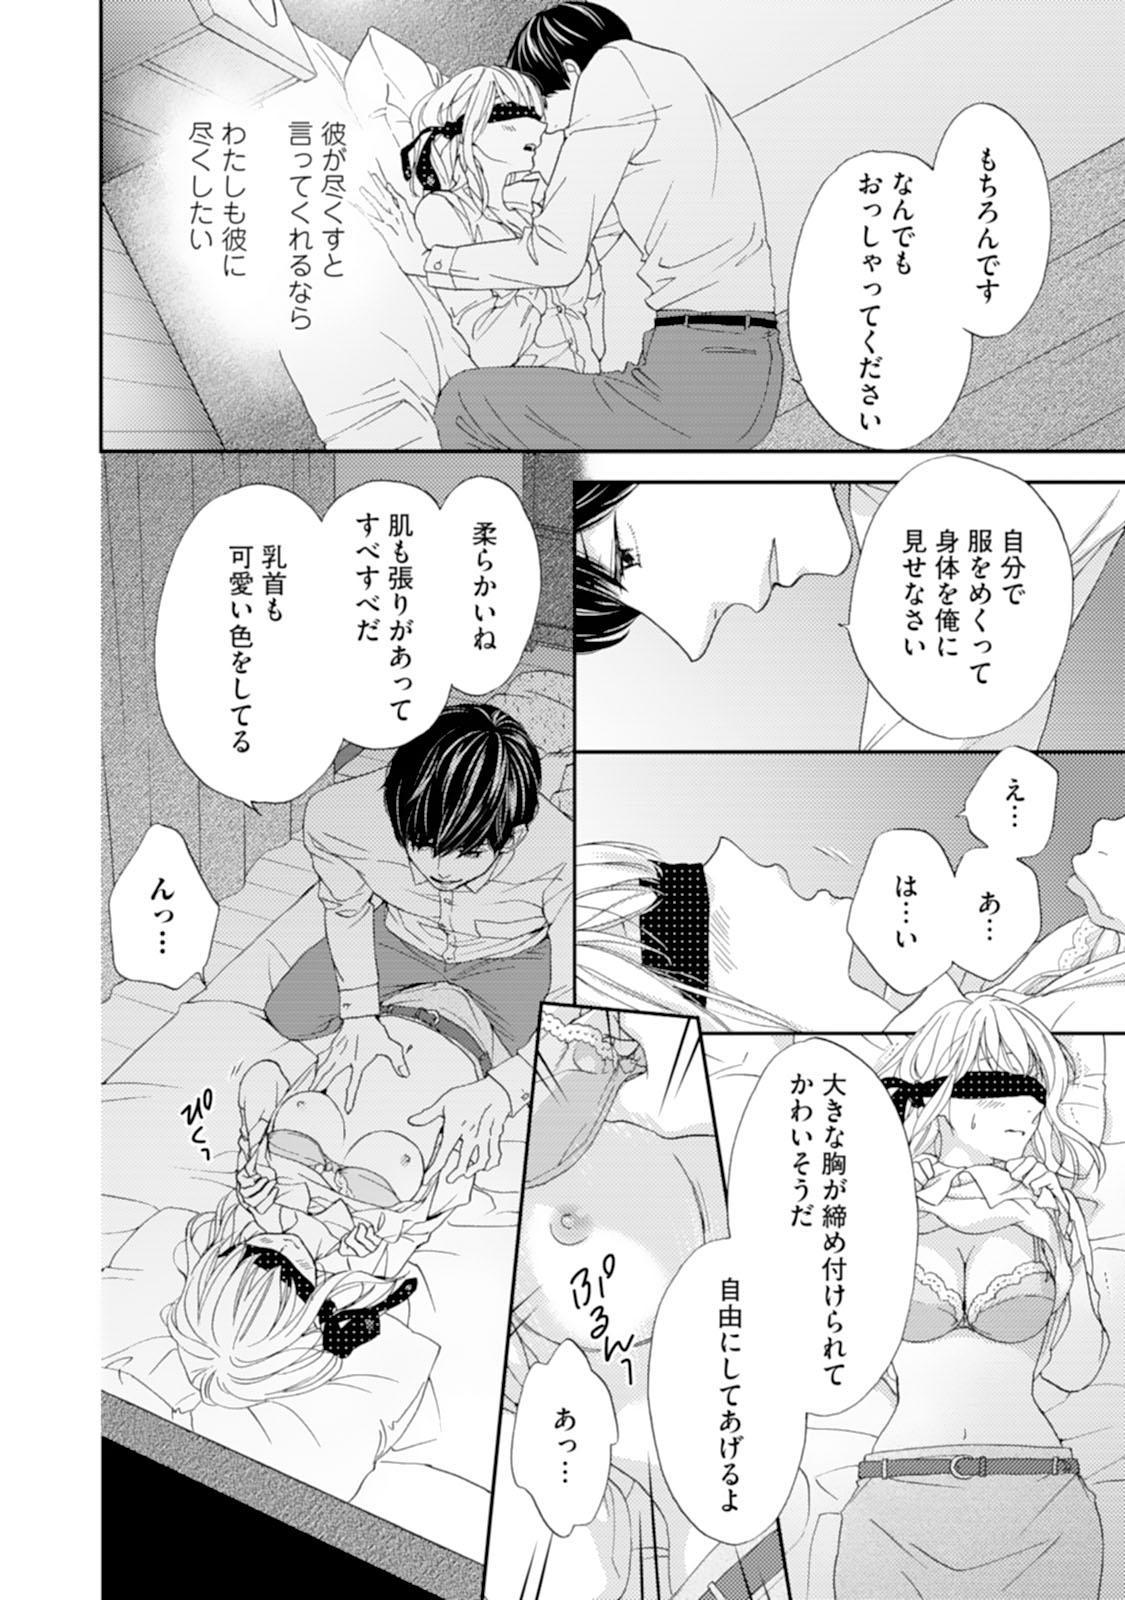 [Adumi Yuu] Choukyou-kei Danshi Ookami-sama to Koneko-chan Ch. 1-3 46